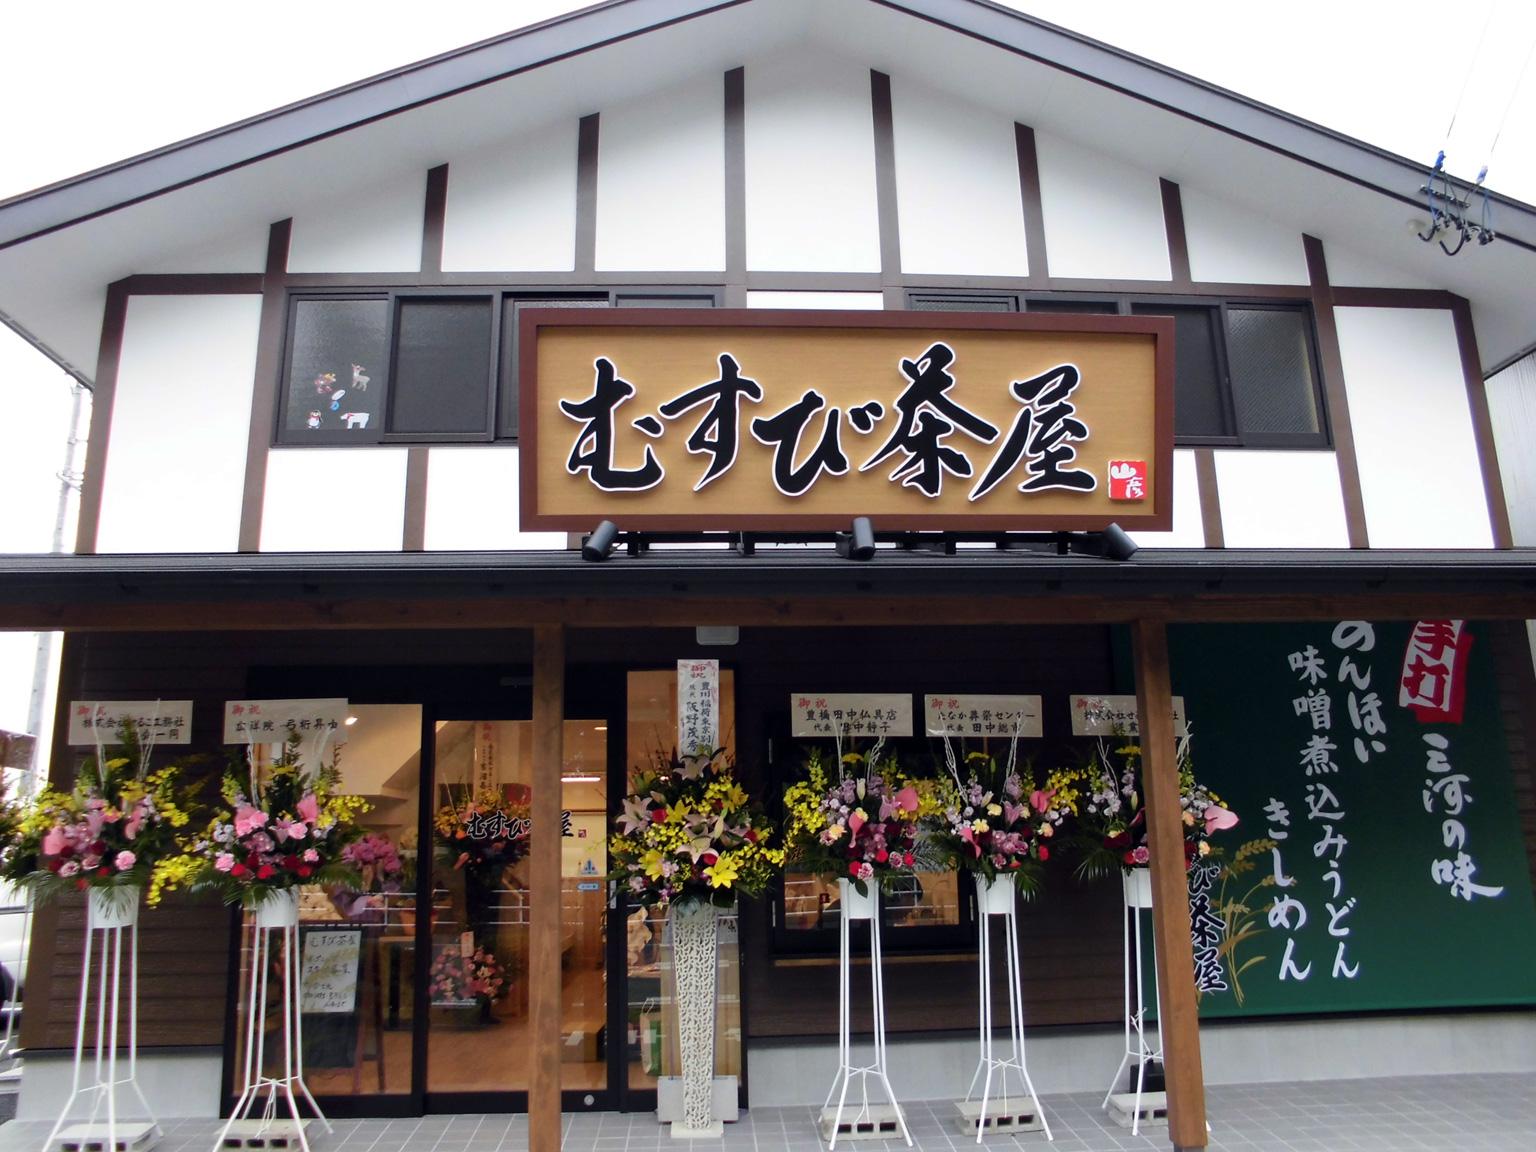 むすび茶屋 ☆豊川稲荷総門から歩いて2~3分。むすび茶屋のサイトです☆ 豊川稲荷の総門前、「門前そば山彦」の姉妹店です。